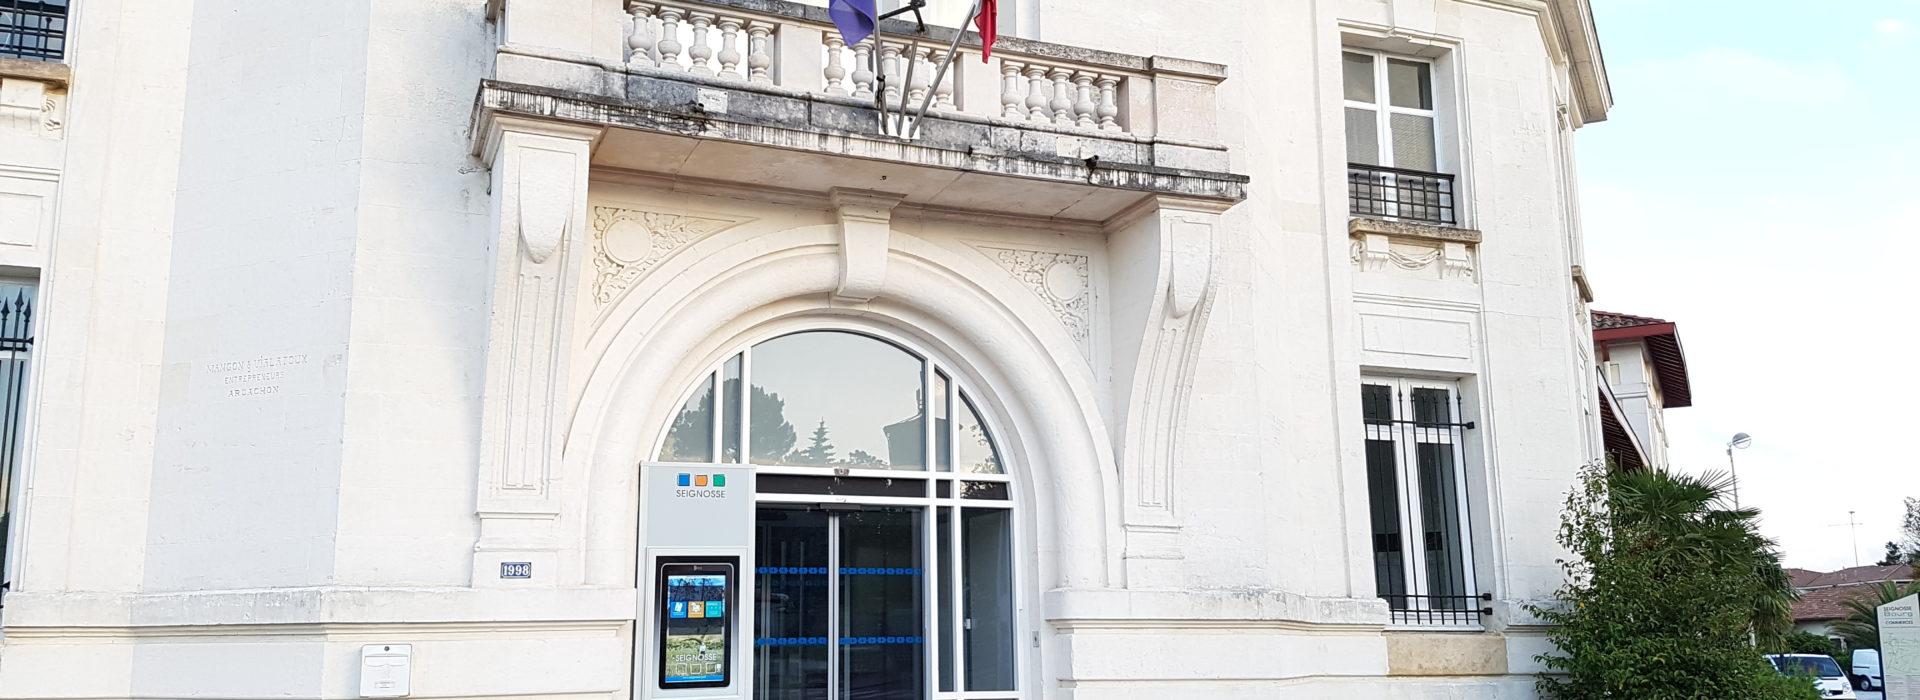 borne tactile cartelmatic mairie de seignosse